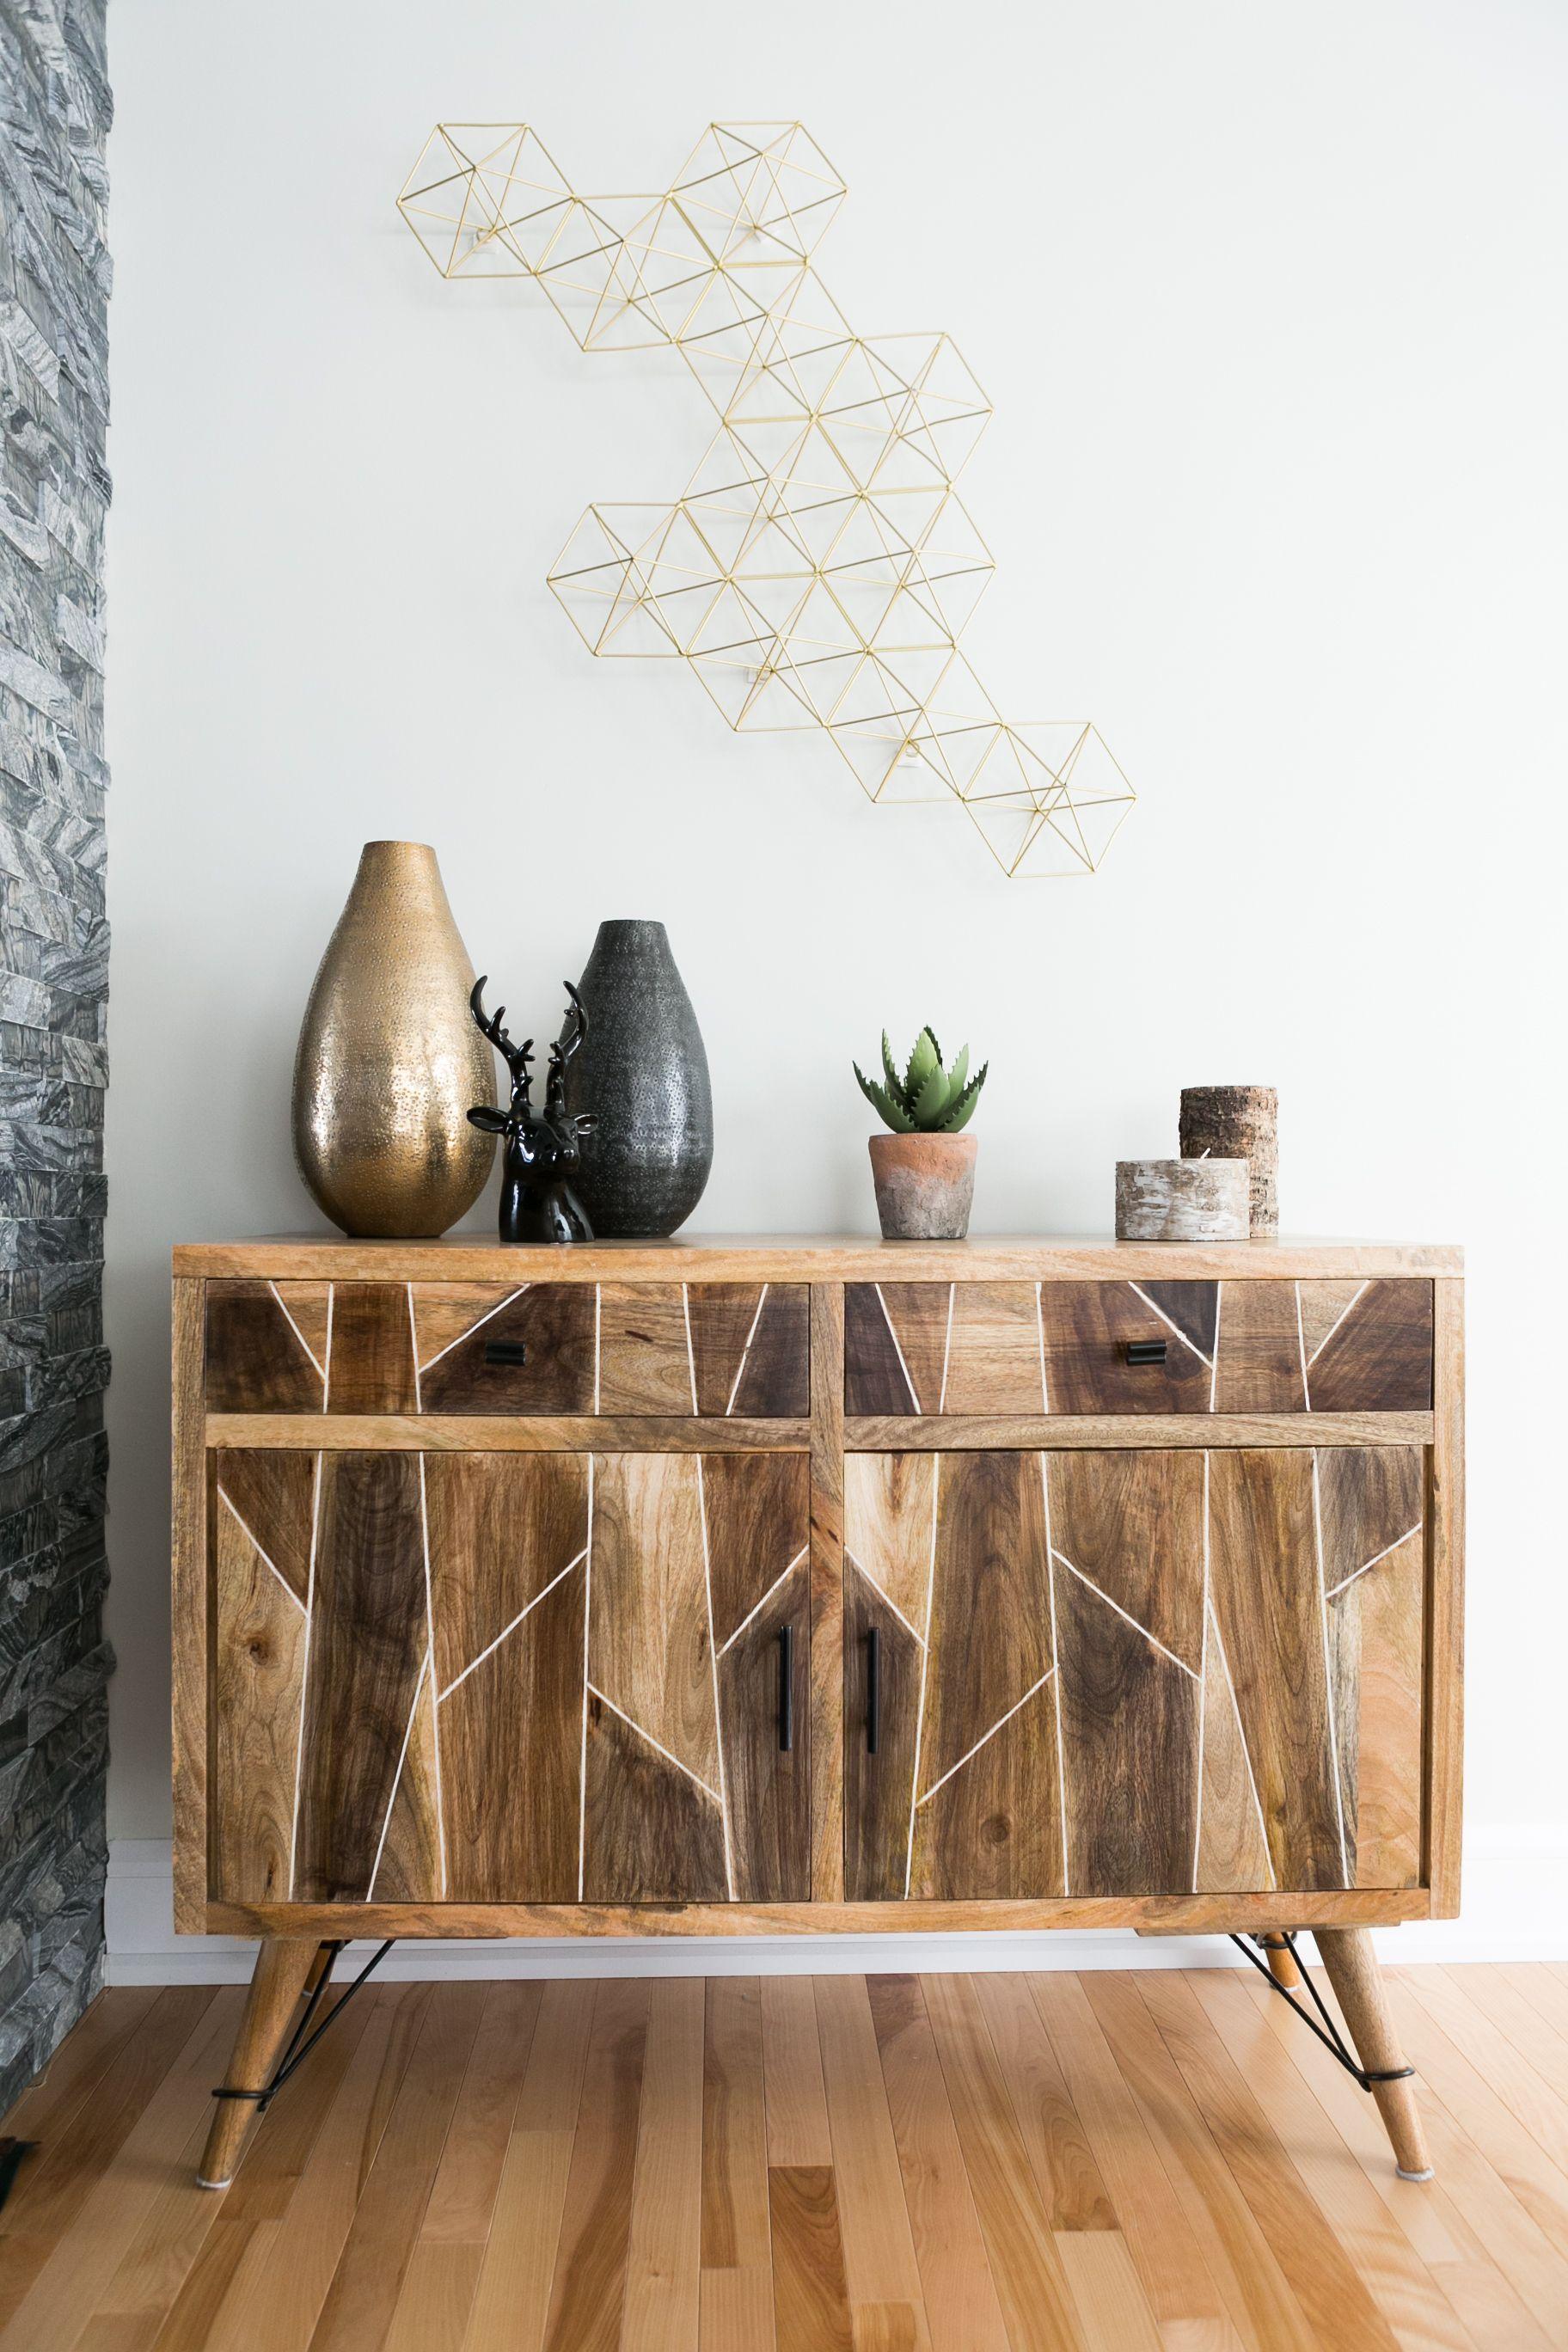 Accessoirisez Vos Meubles Afin De Leur Donner Vie Amenagement Interieur Interior Bois Elegant Style Composition Wood Decor Home Decor Furniture